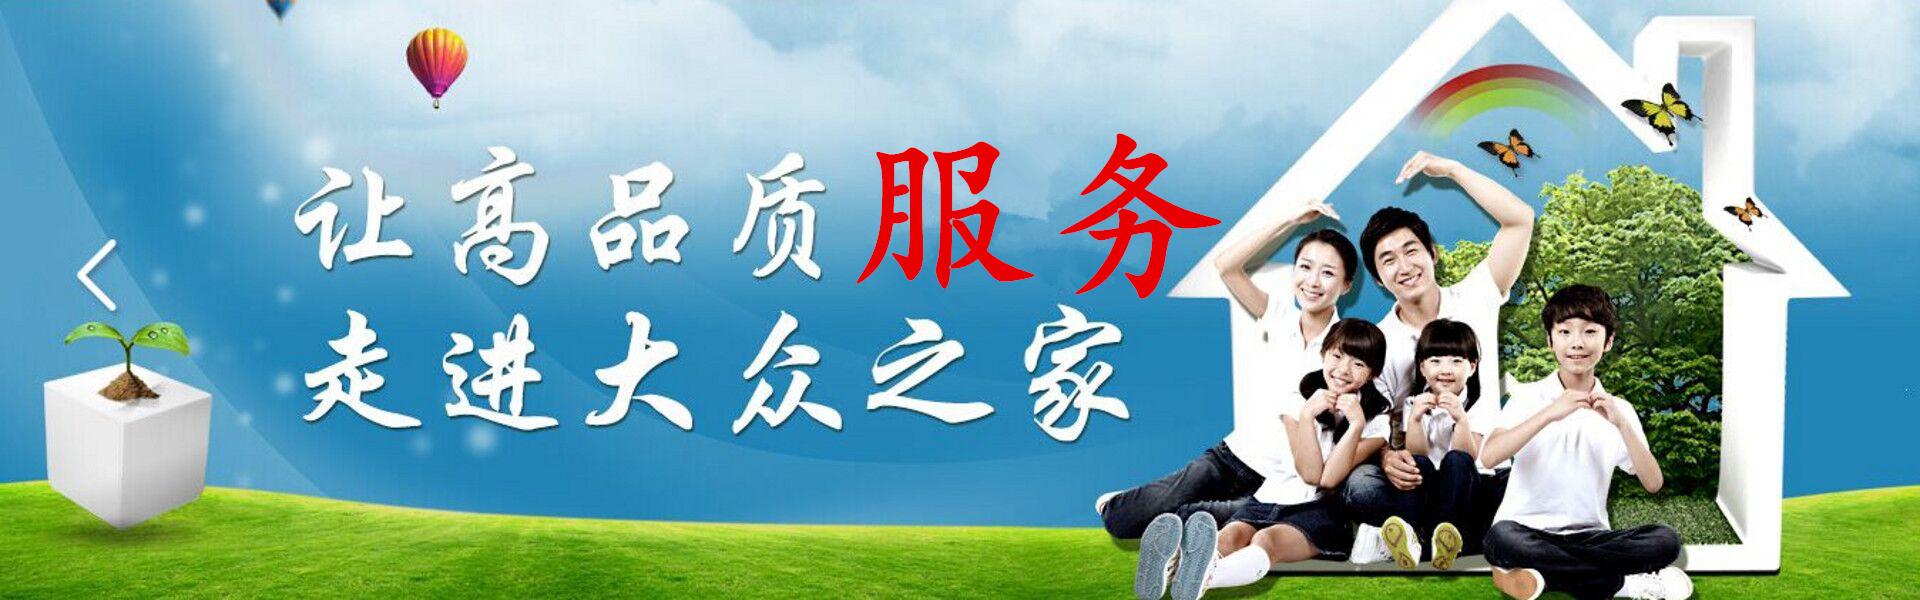 上海寿险保单贷款